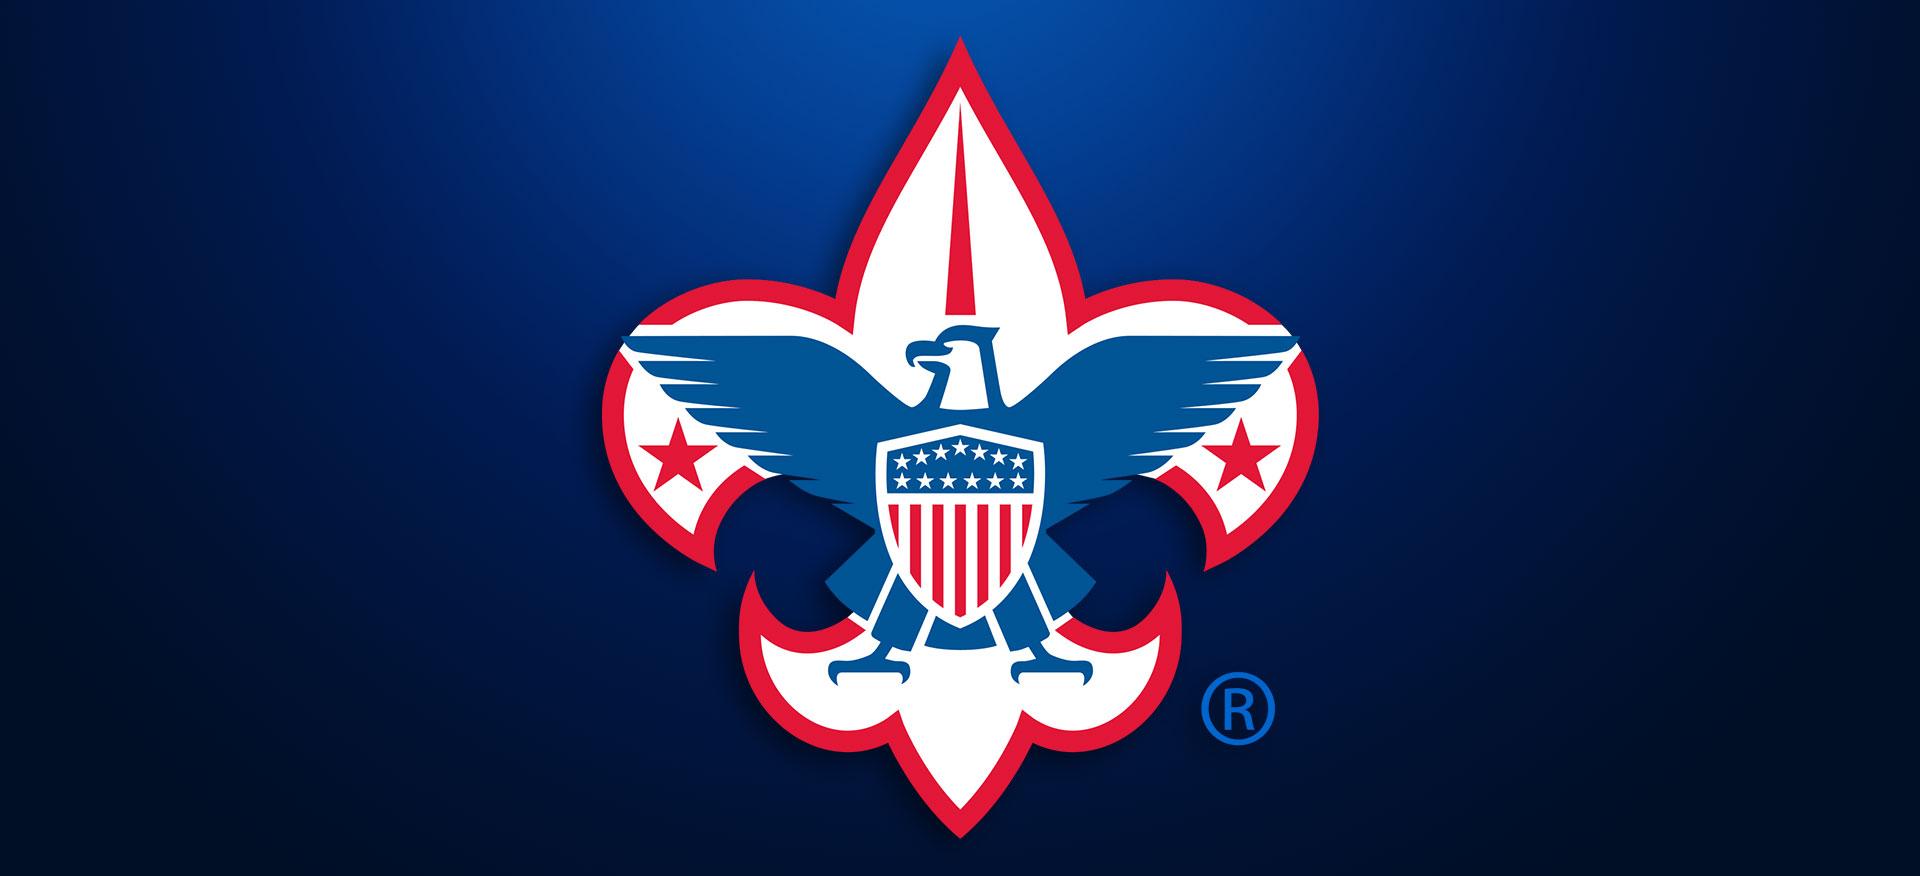 KELO Boy Scouts Of America